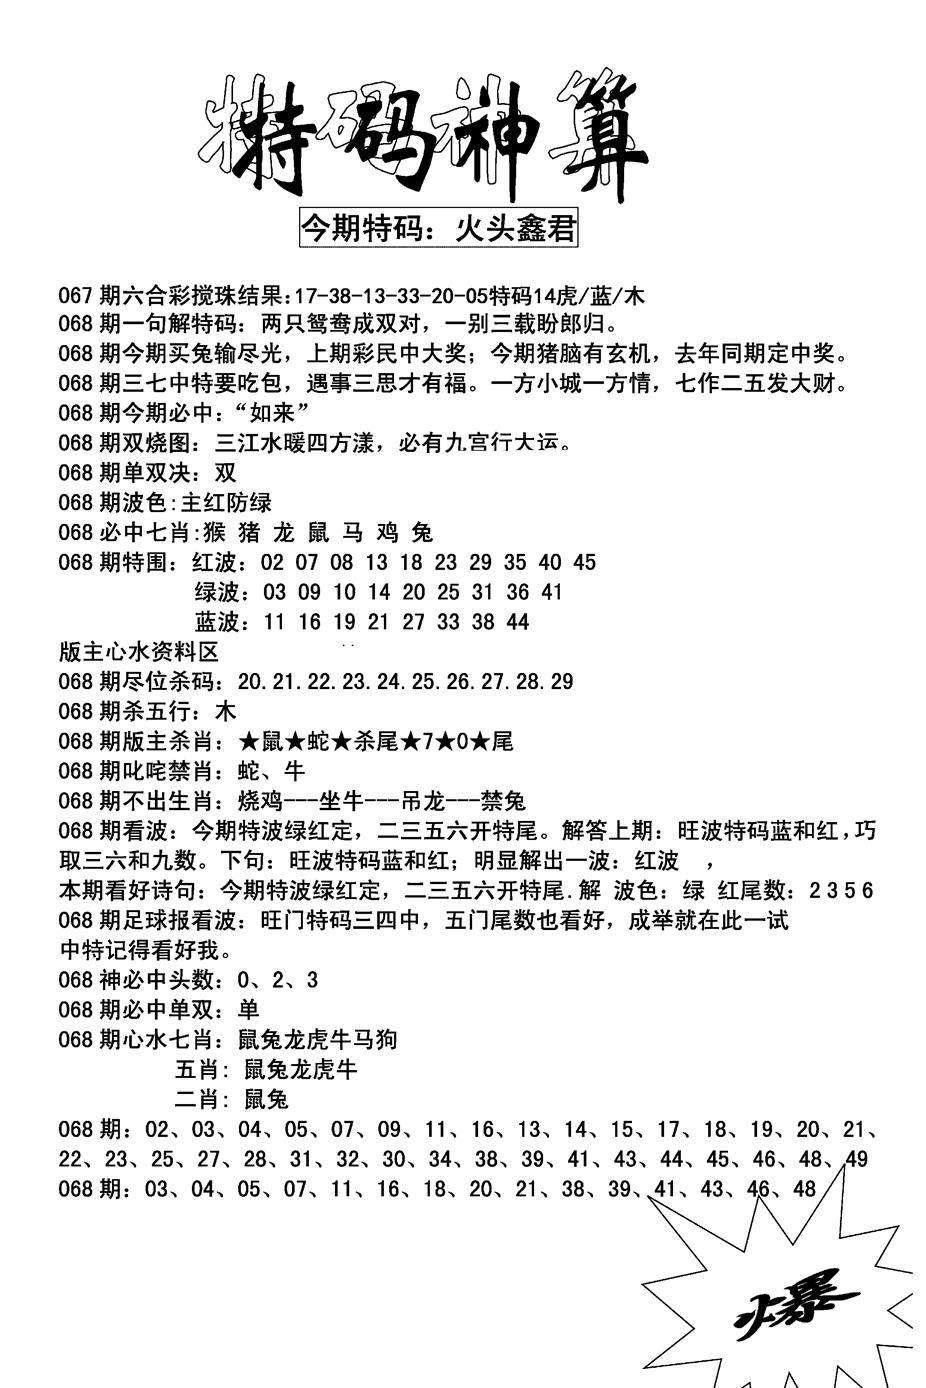 068期特码神算(黑白)